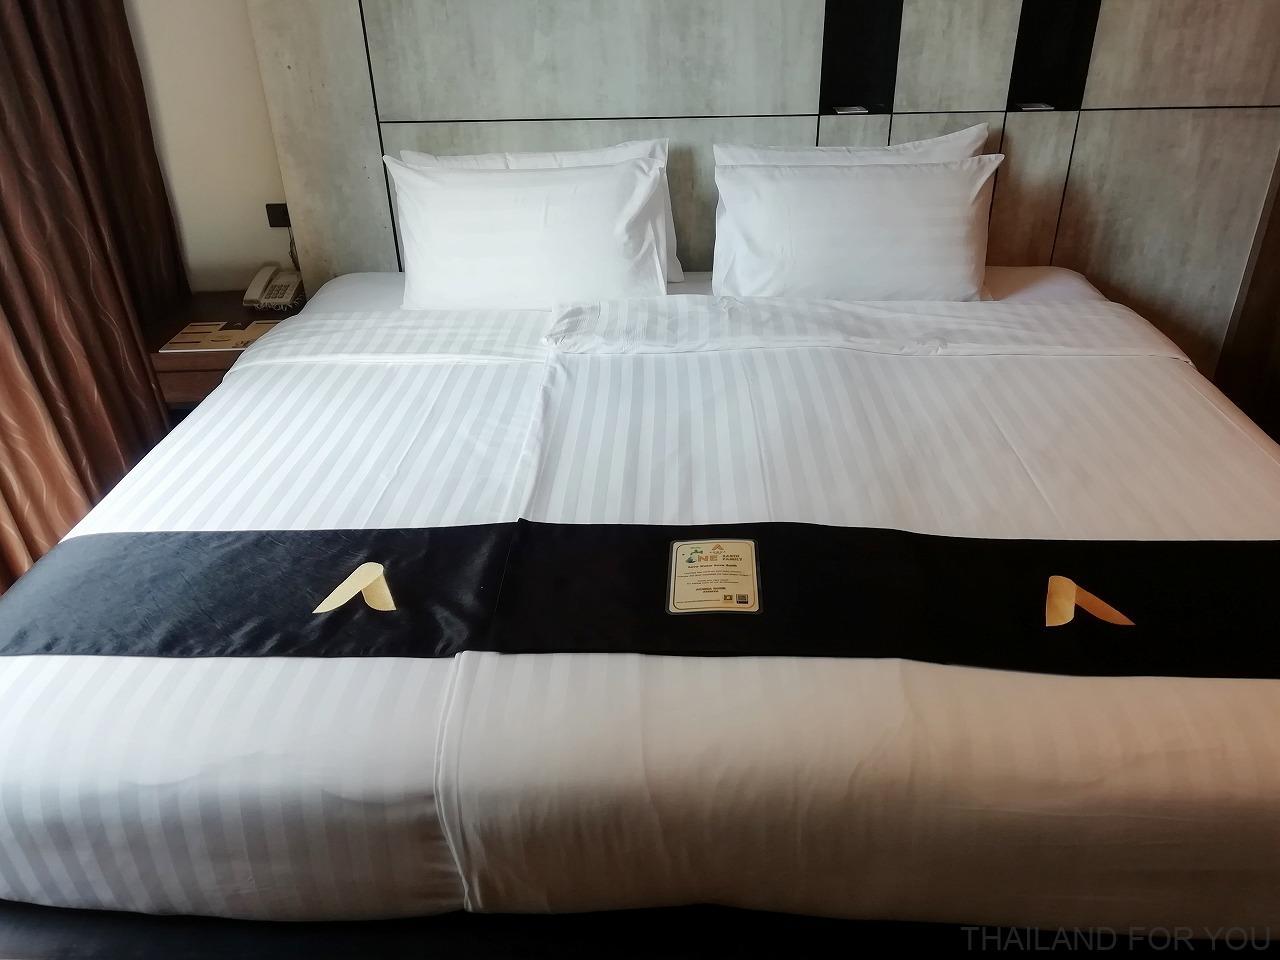 アクアホテル Acqua Hotel パタヤ